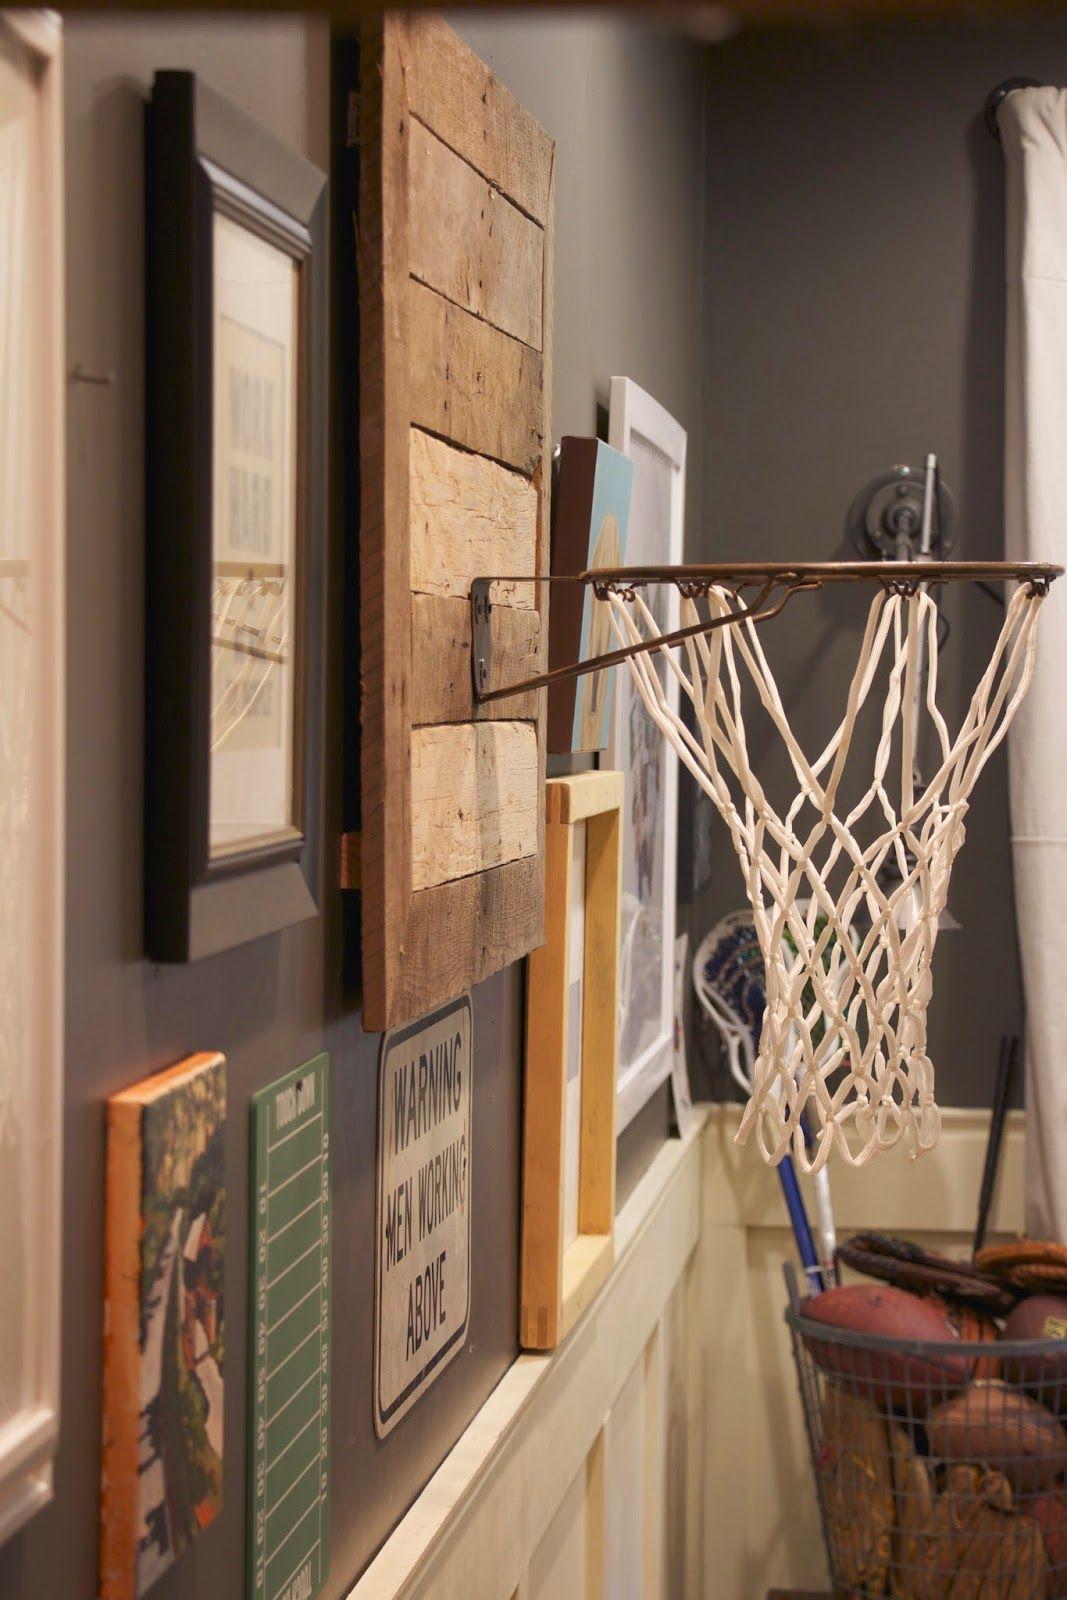 Thrifty Thursday Diy Basketball Hoop Boys Room Diy Diy Basketball Hoop Basketball Room